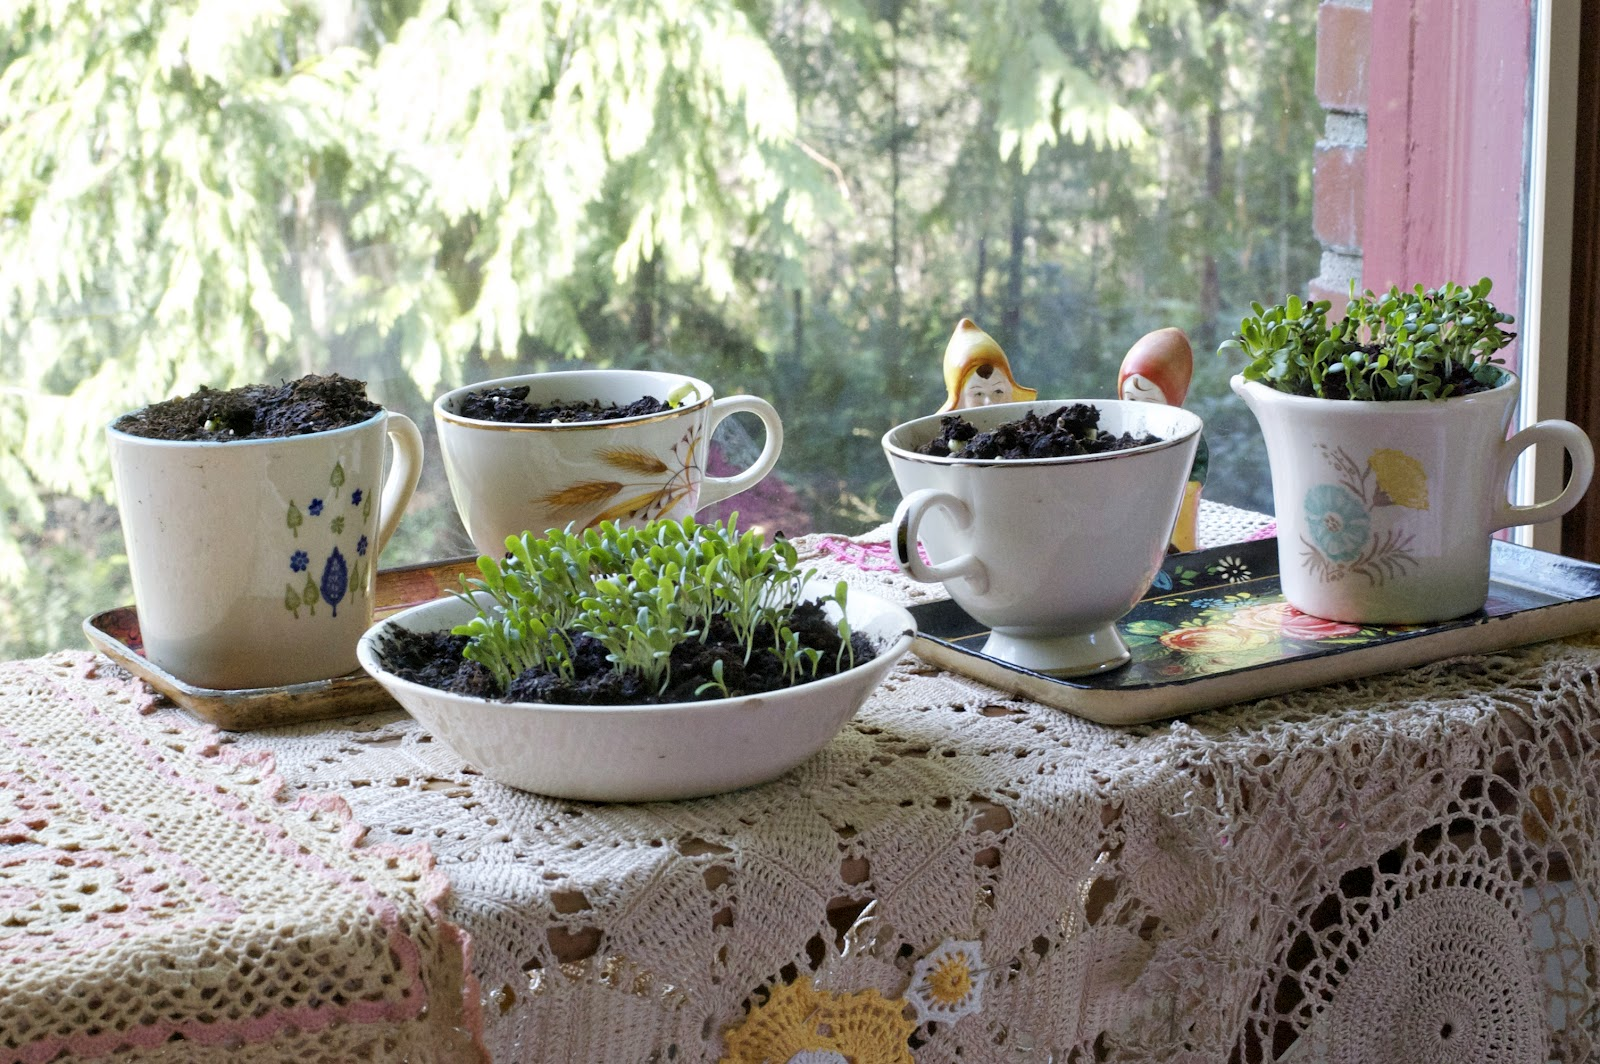 maize hutton my vintage teacup garden. Black Bedroom Furniture Sets. Home Design Ideas